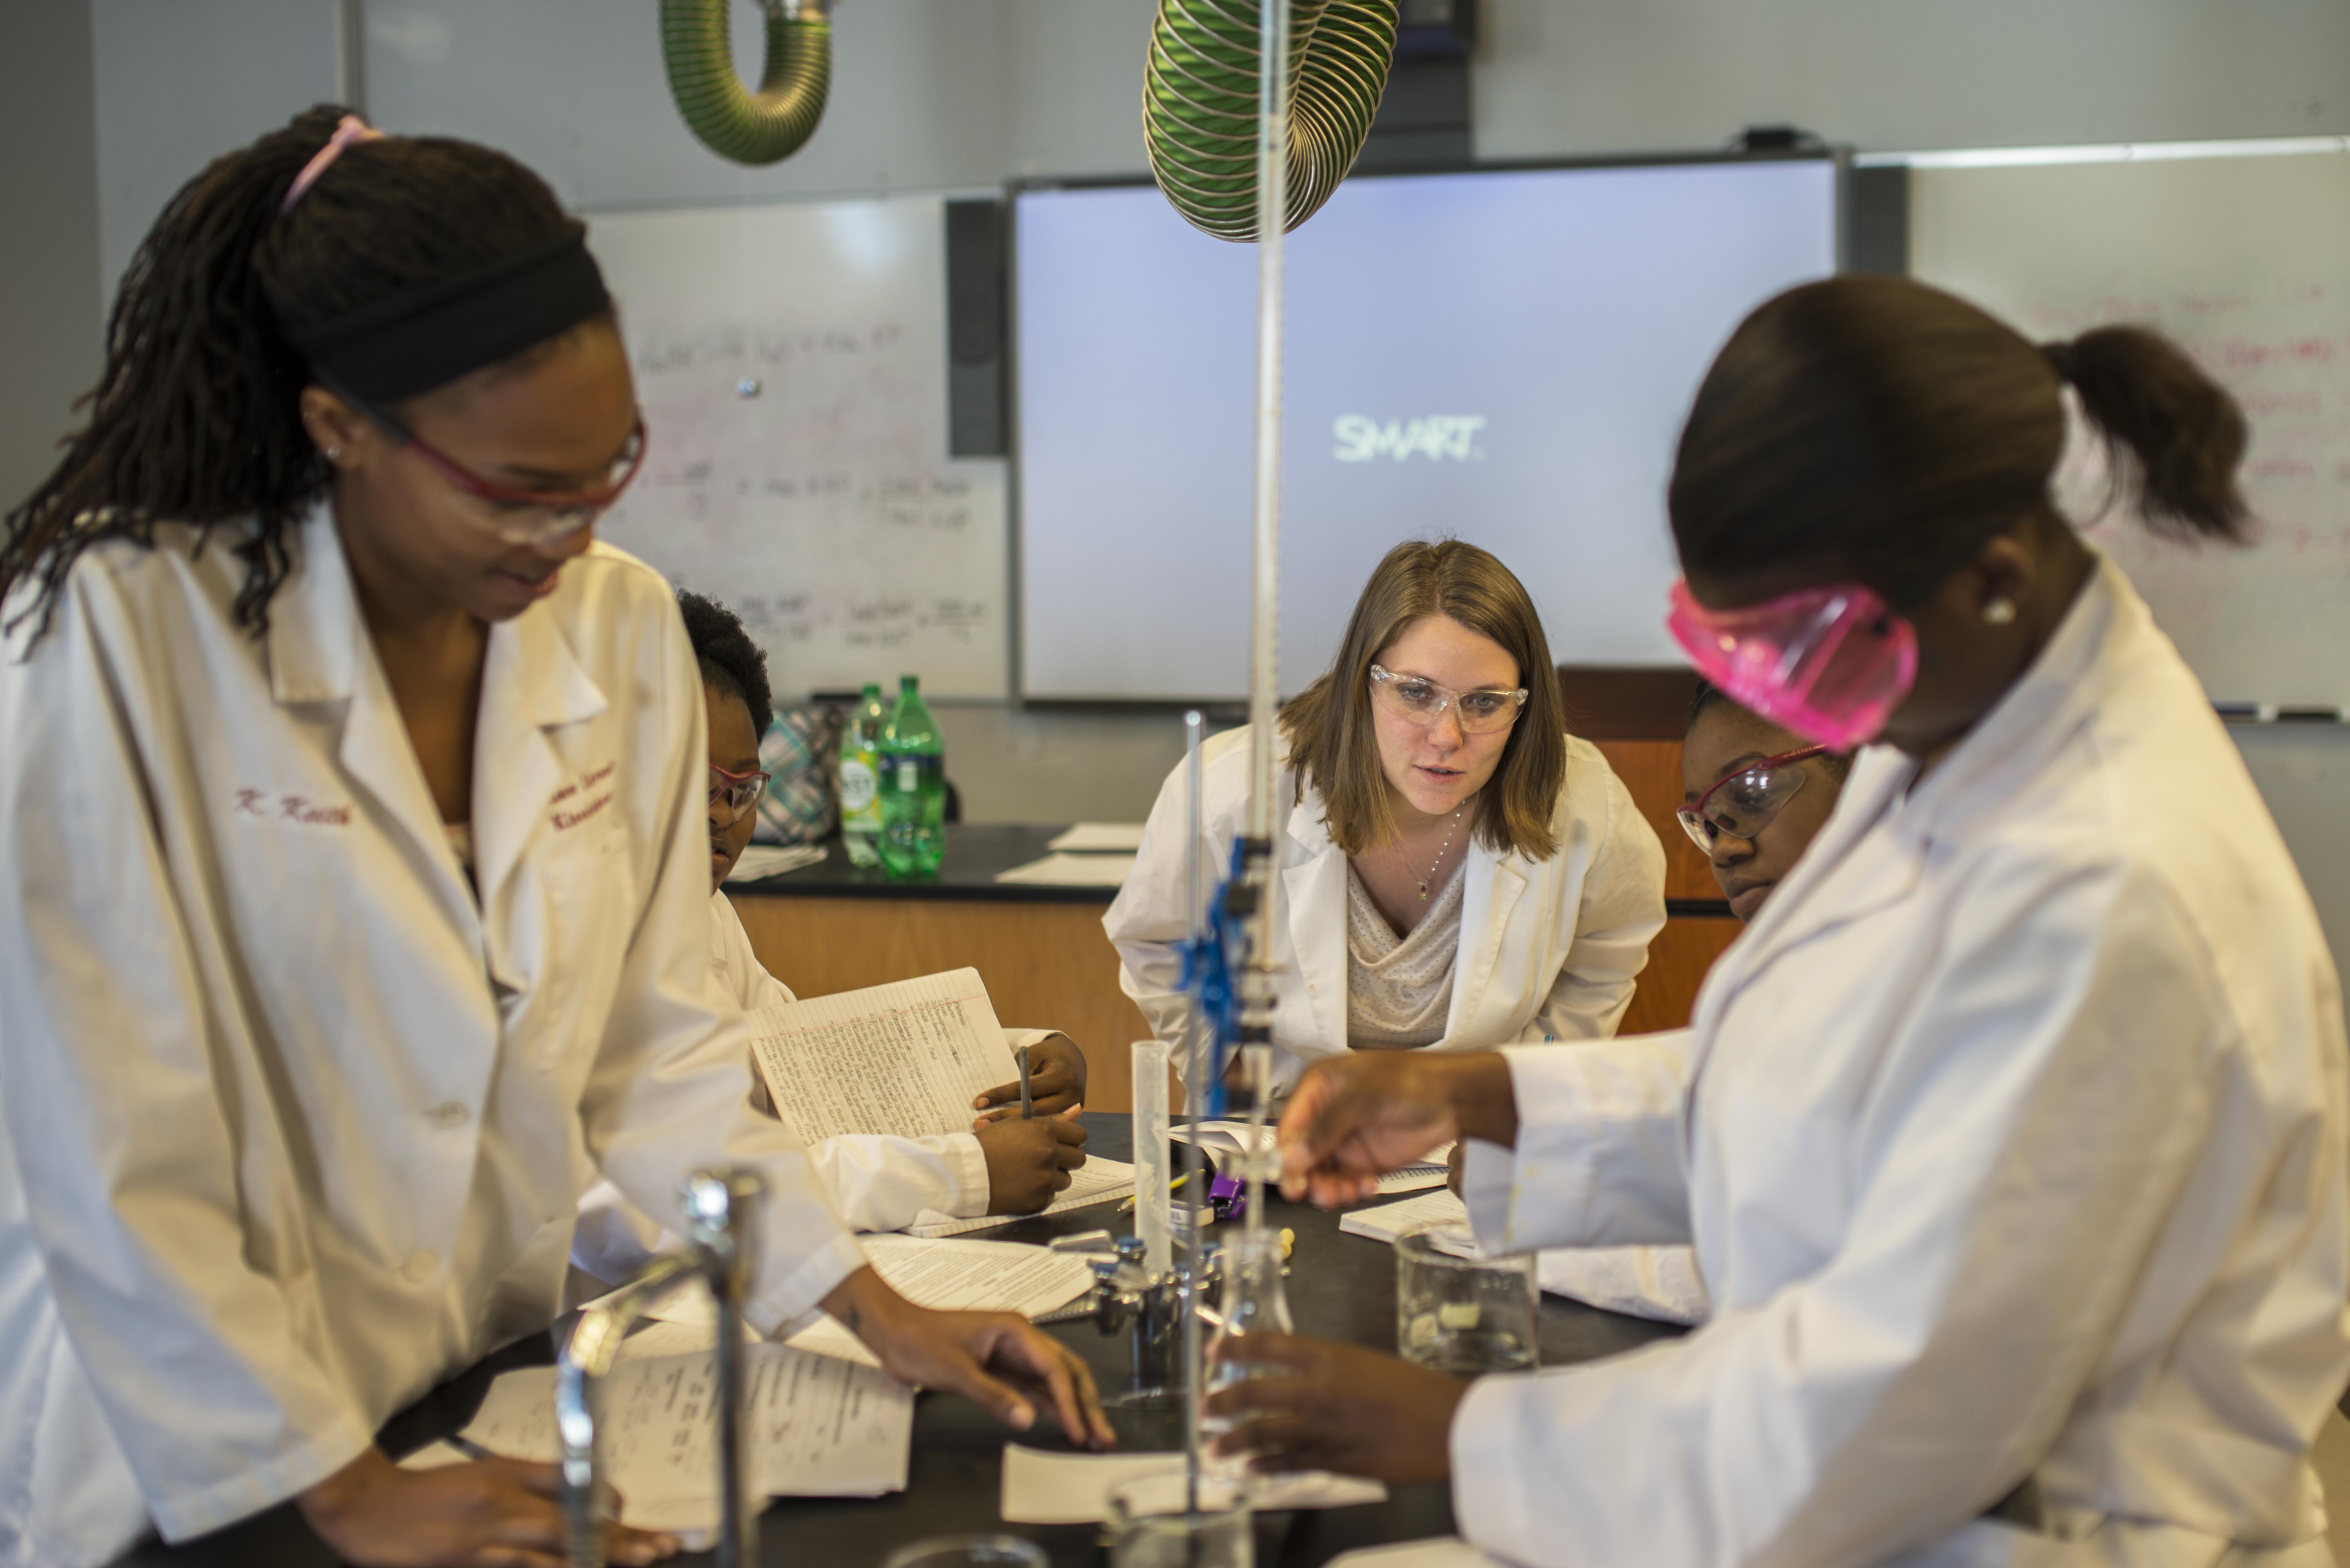 Shaw U Chemistry